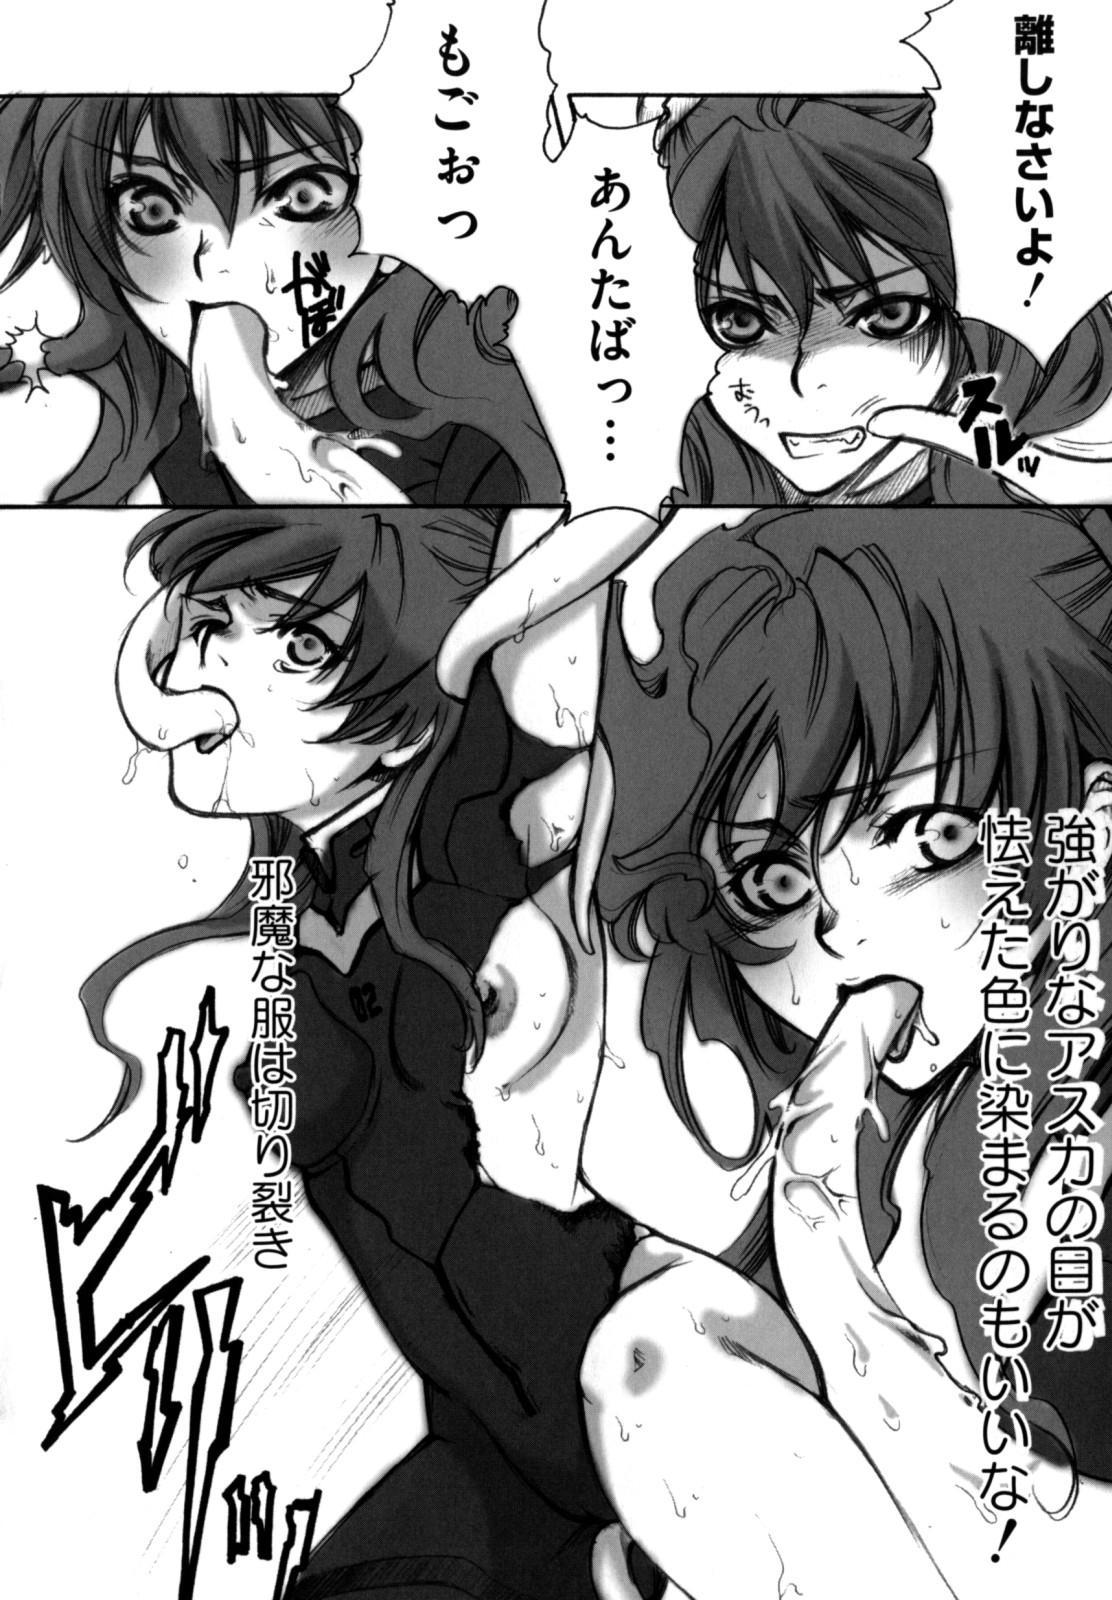 Shikijou no Erosu 37